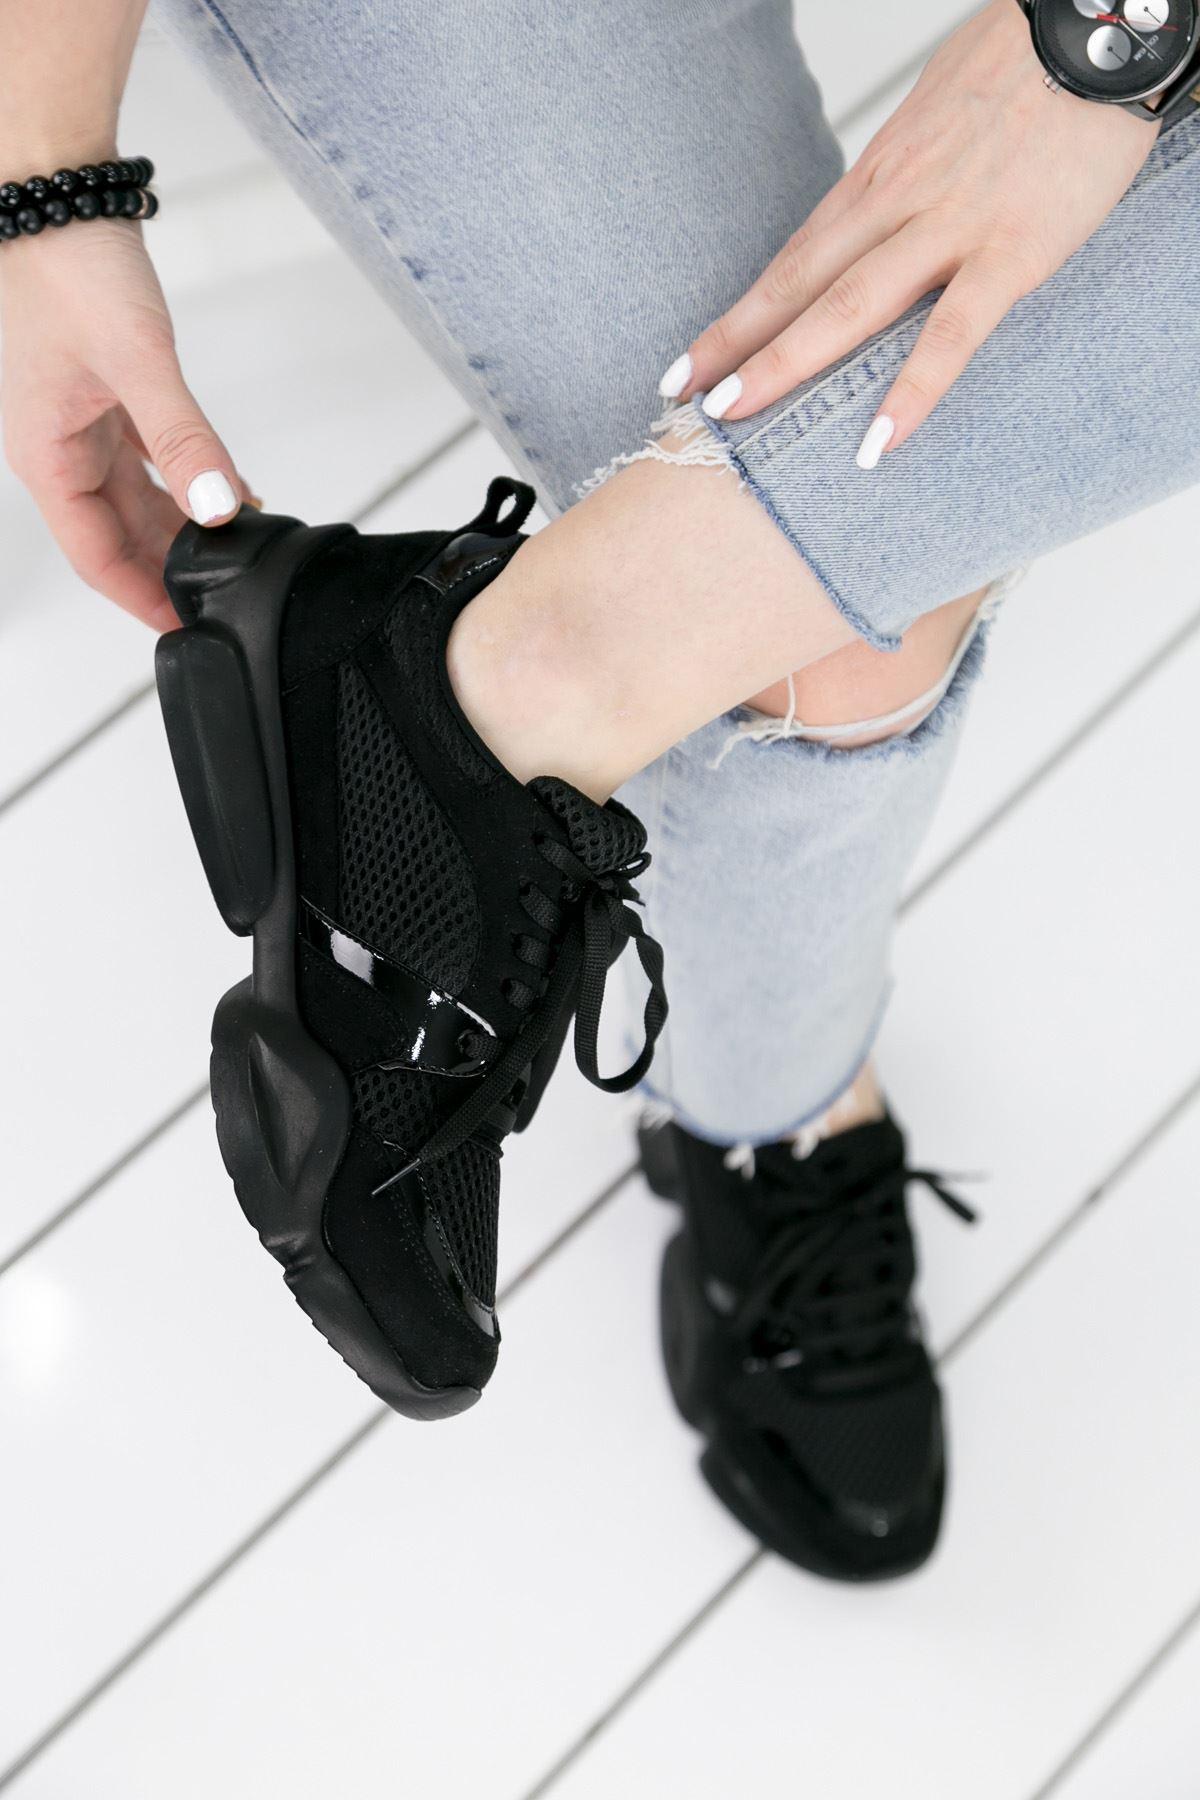 Horsey Siyah Lame İthal Süet Bayan Spor Ayakkabı